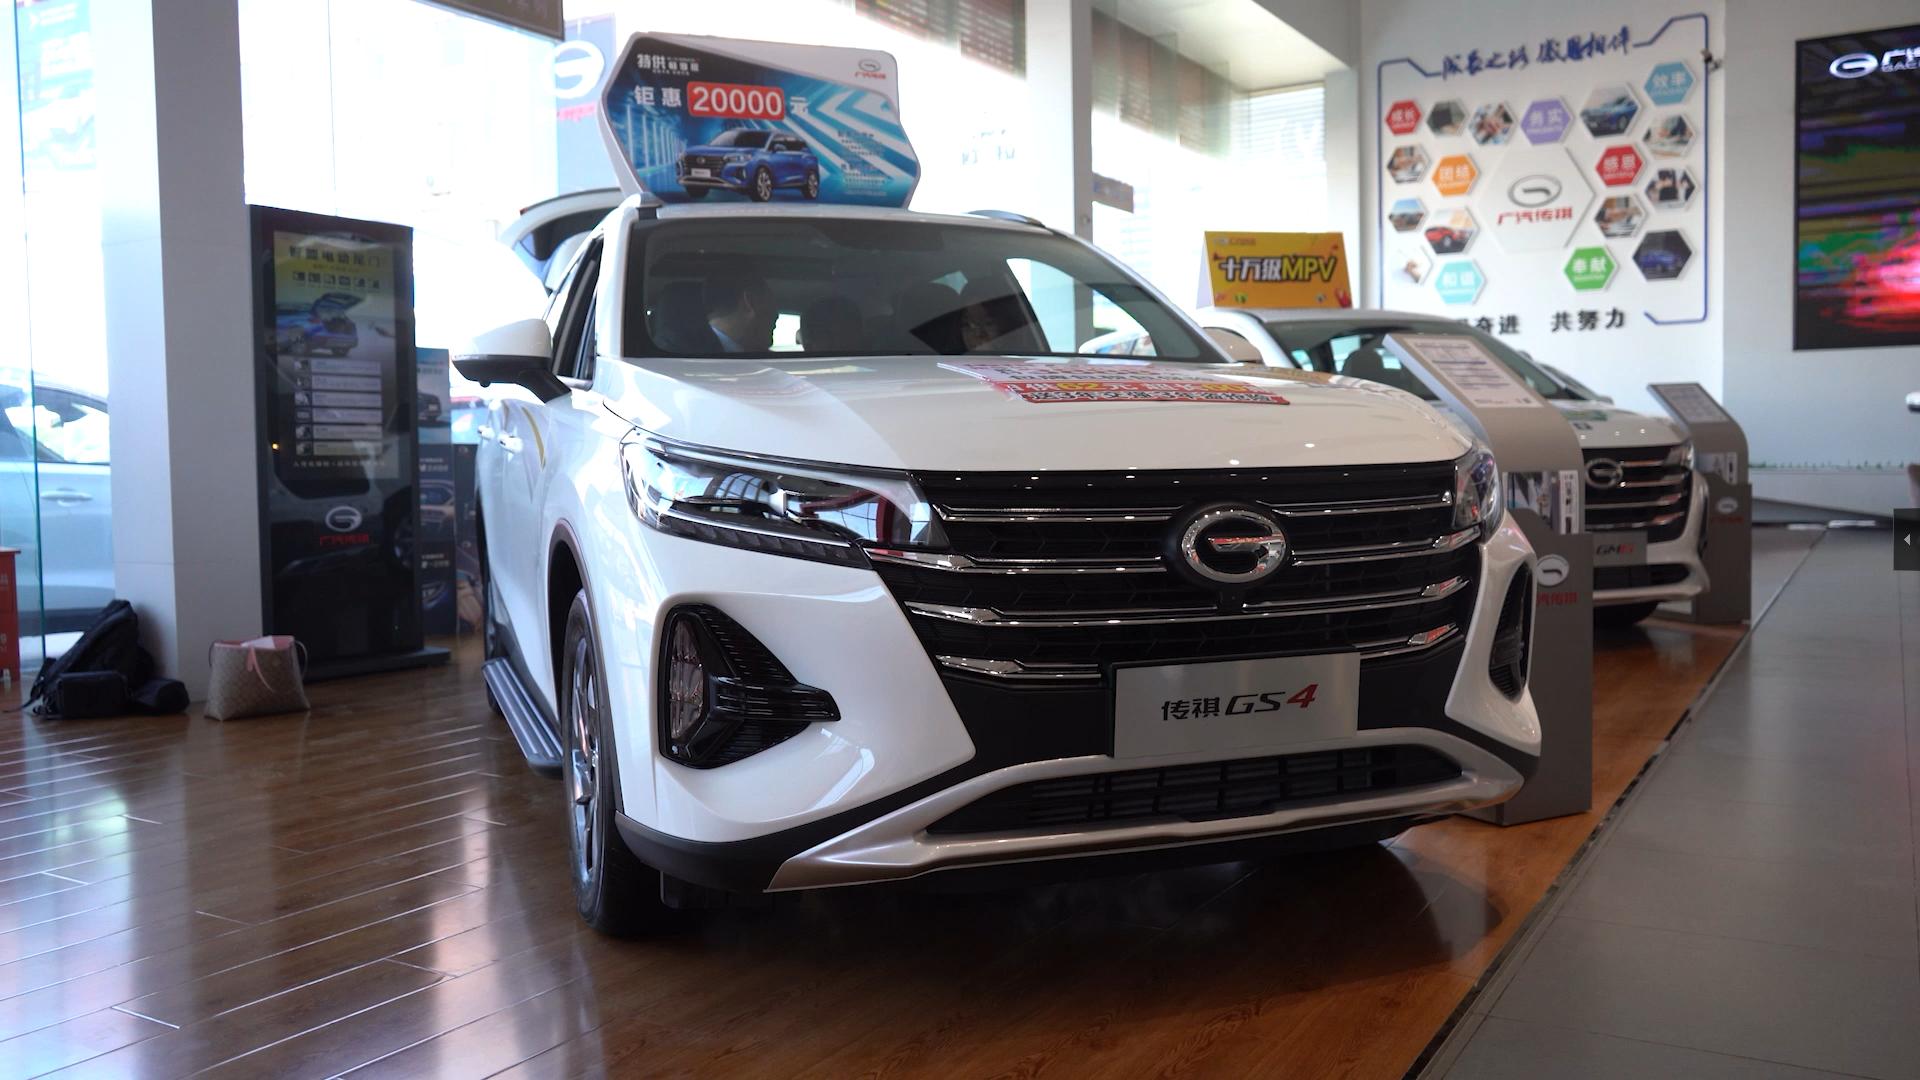 视频:探店实拍丨8.98万元起的国产爆款SUV,广汽传祺GS4功能展示